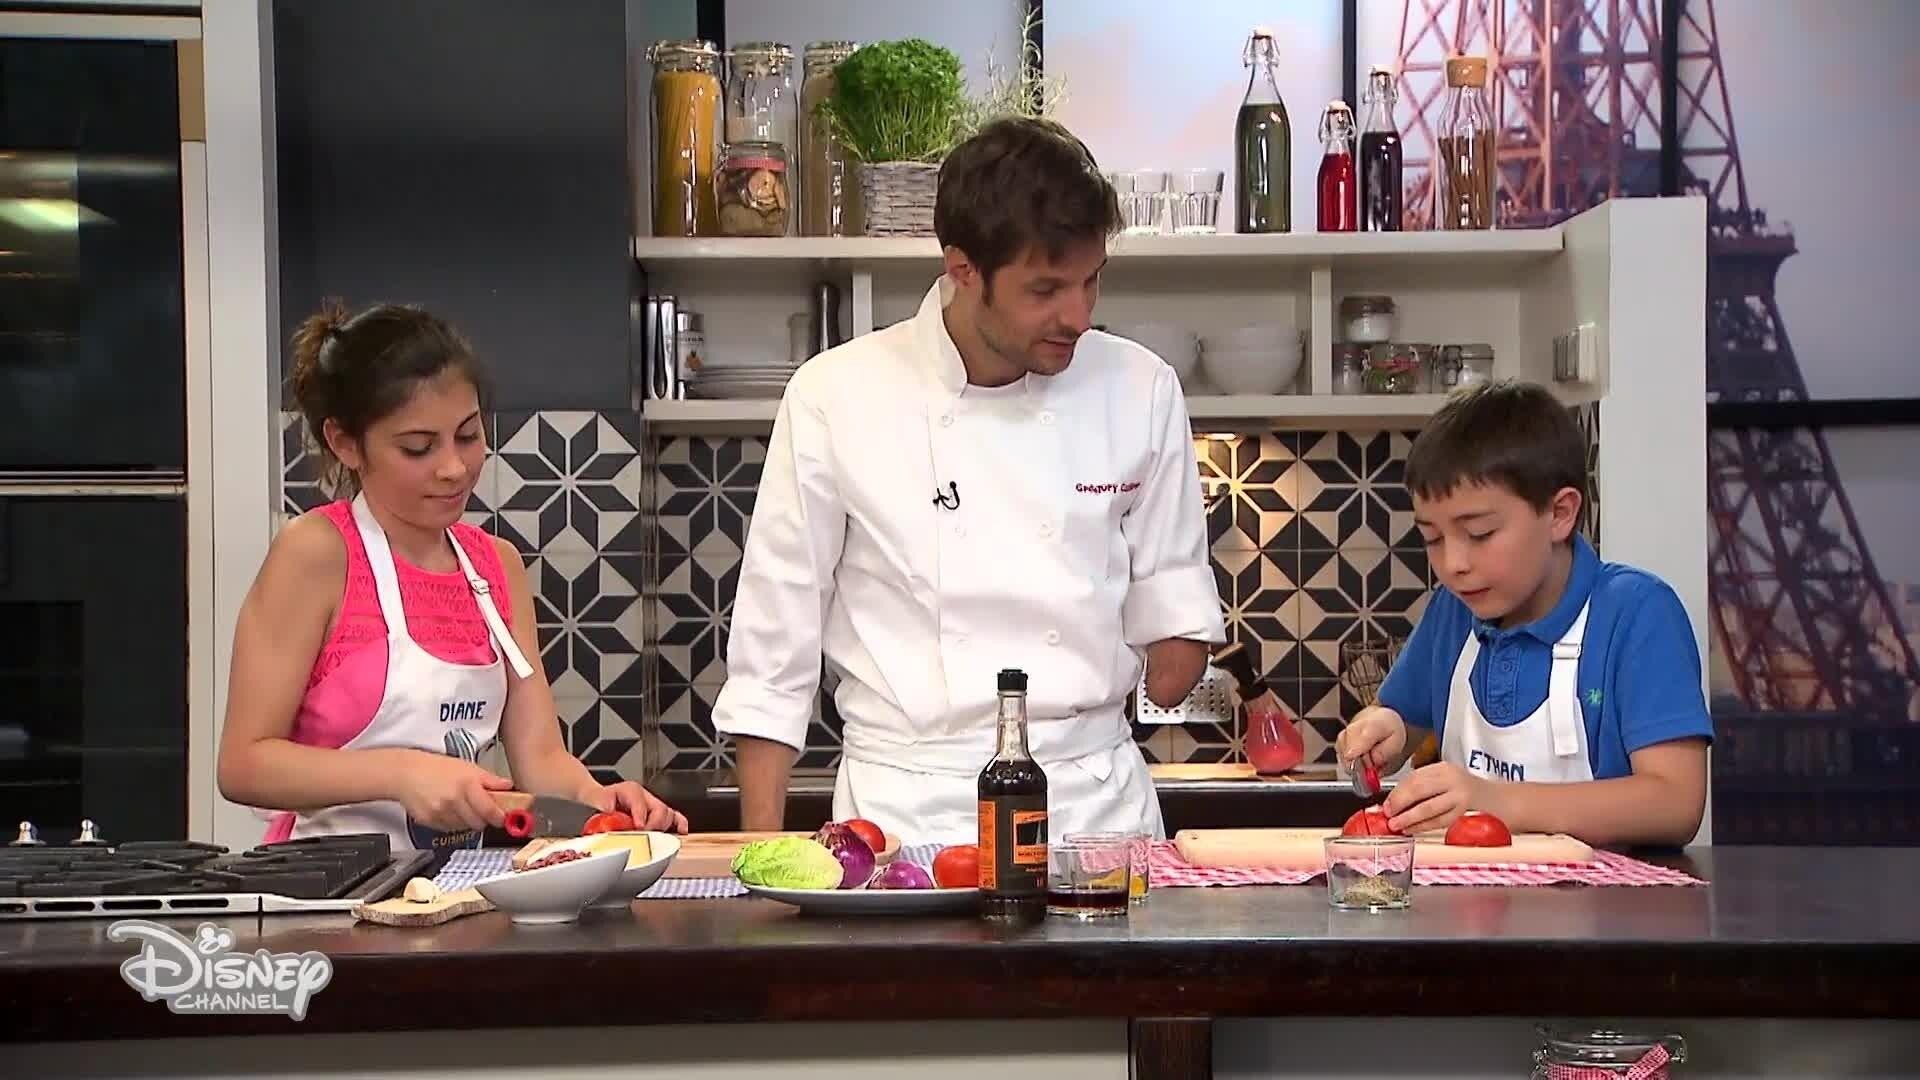 Le Hamburger de Ethan et Diane - Chez Rémy Tout Le Monde Peut Cuisiner - Partie 2